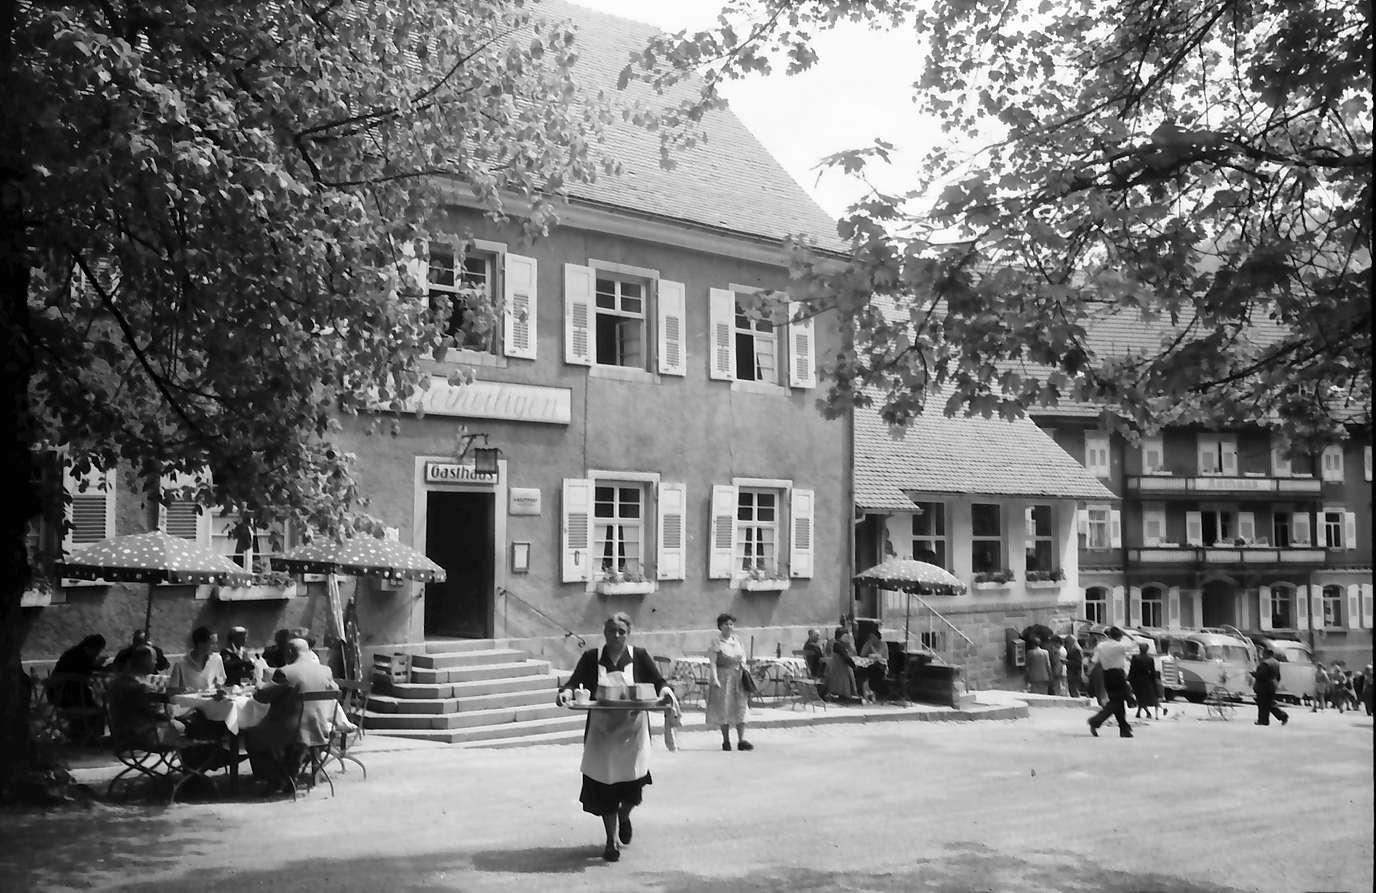 Allerheiligen: Gaststätte Zur Krone, Bild 1